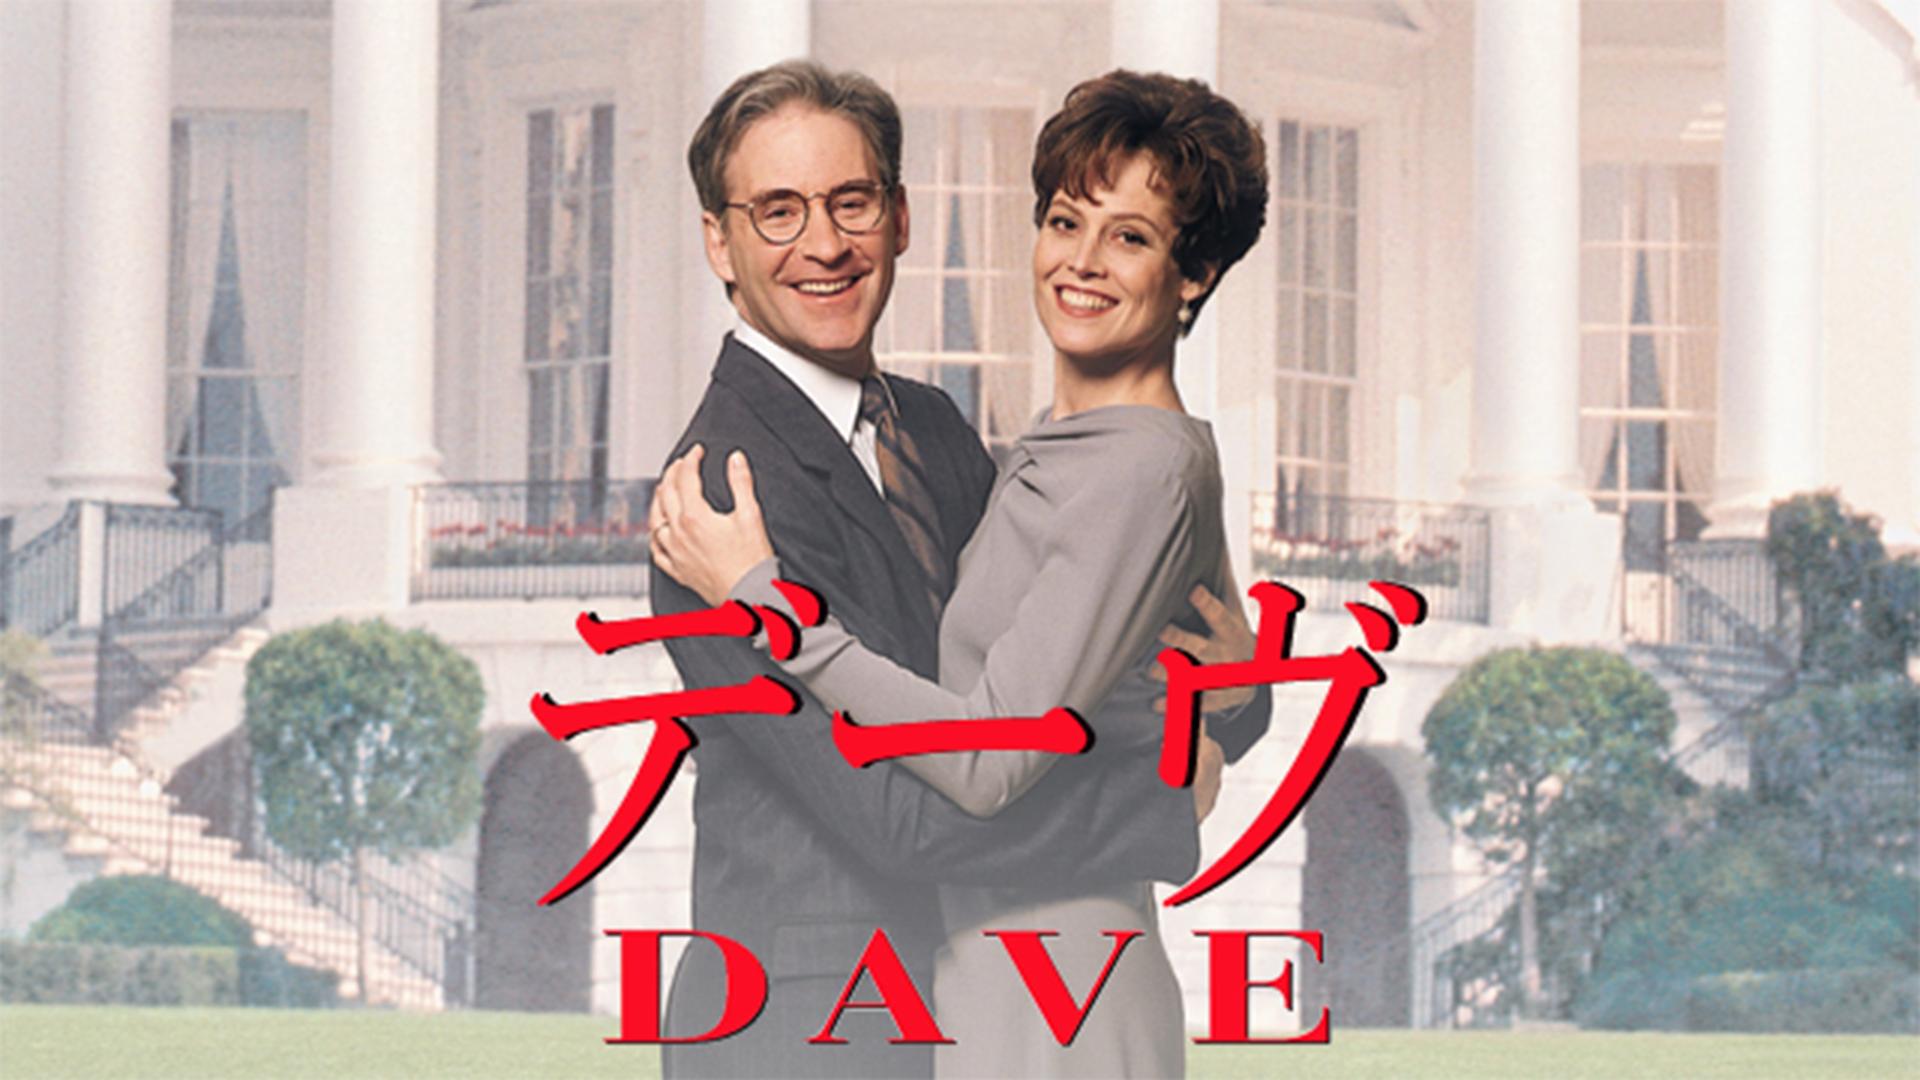 DAVE/デーヴ 動画